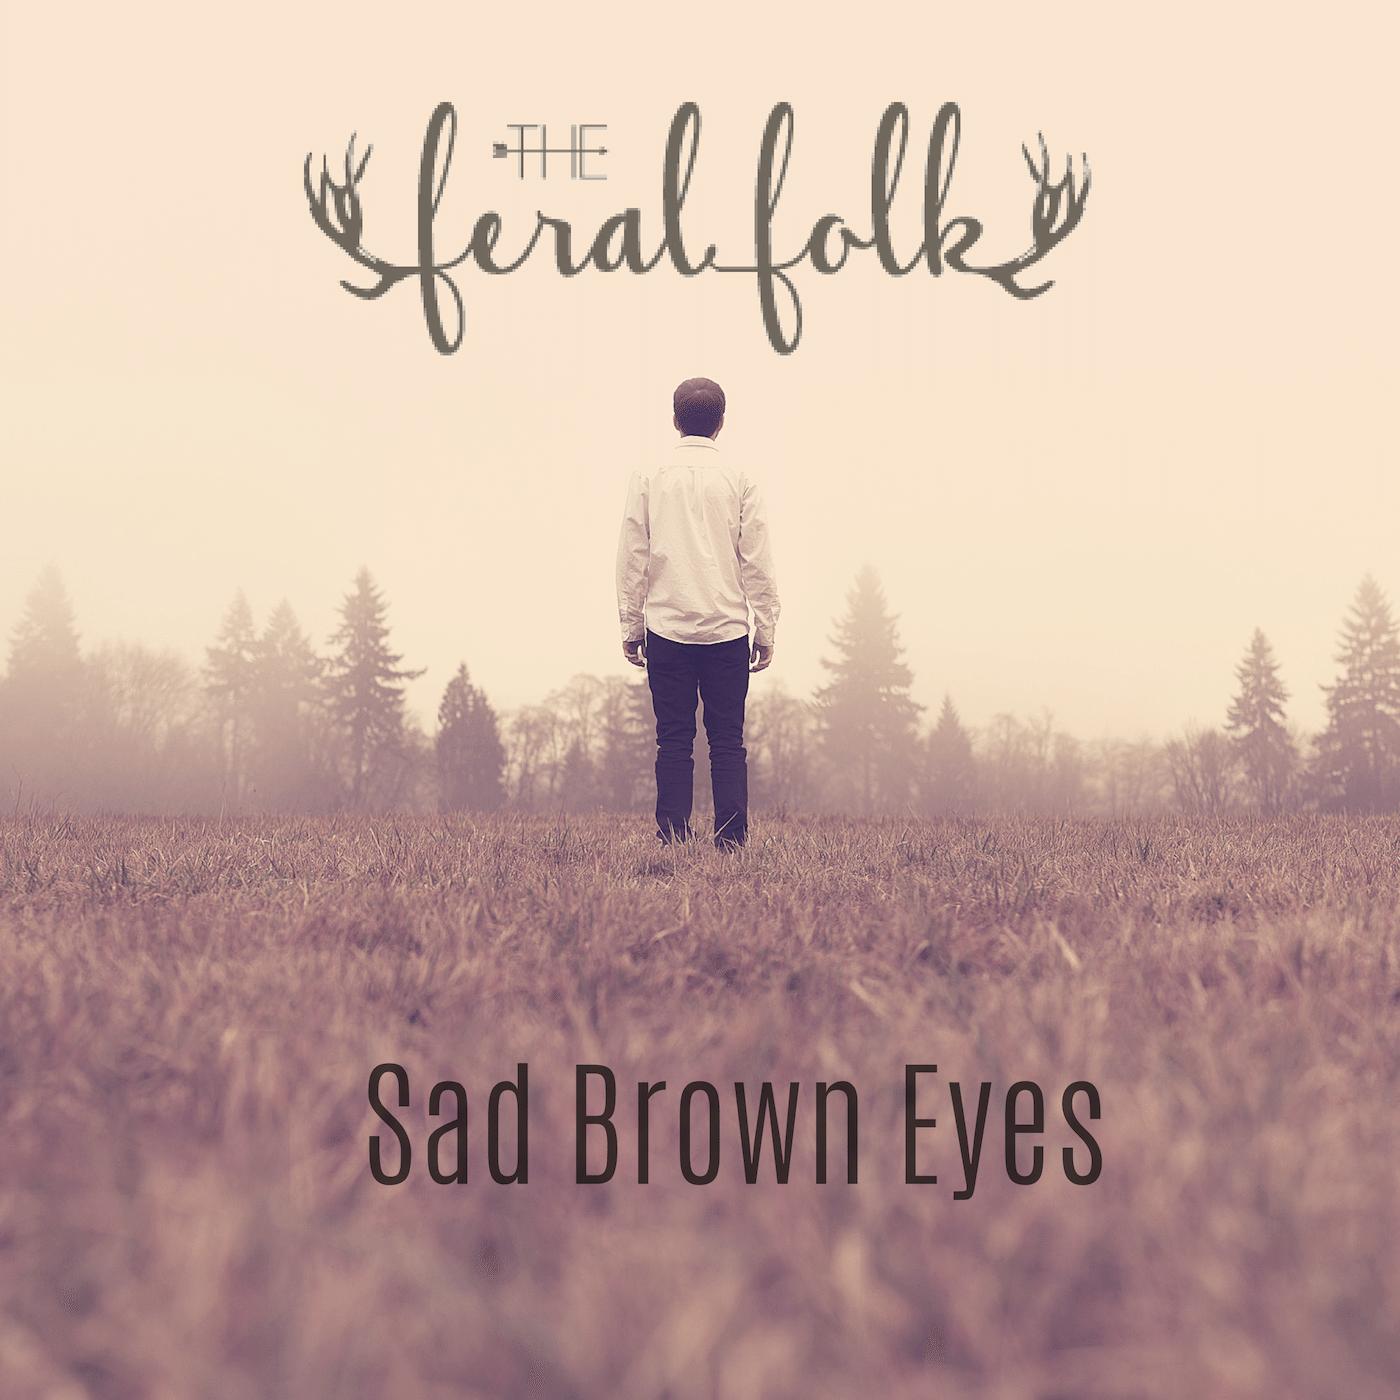 Sad Brown Eyes